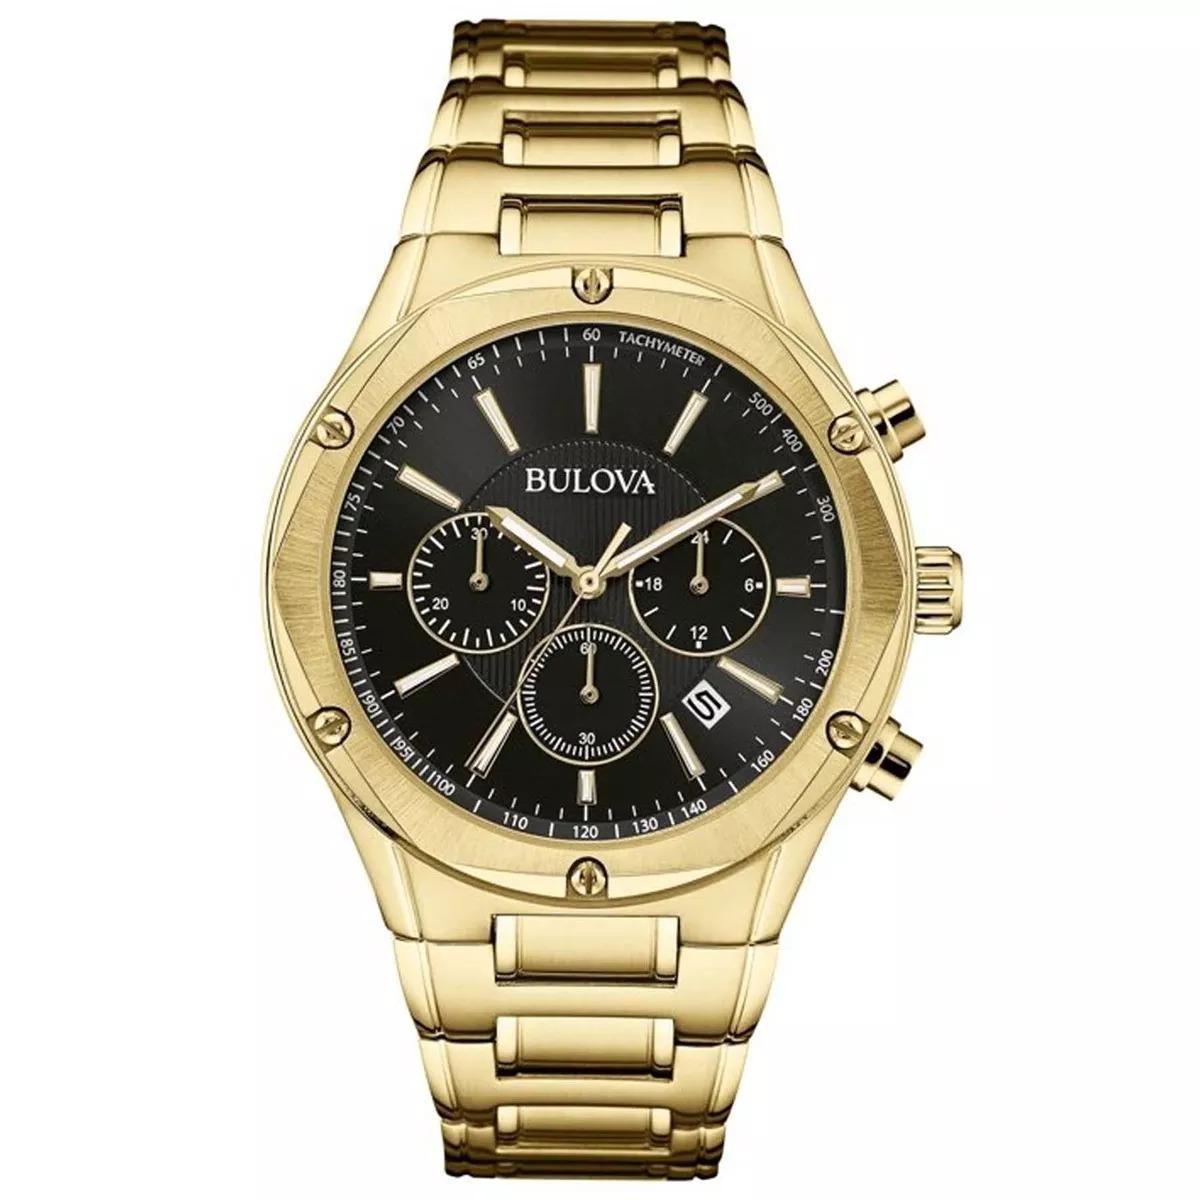 48db0c95157 relógio bulova masculino dourado wb22408u original e barato. Carregando  zoom.